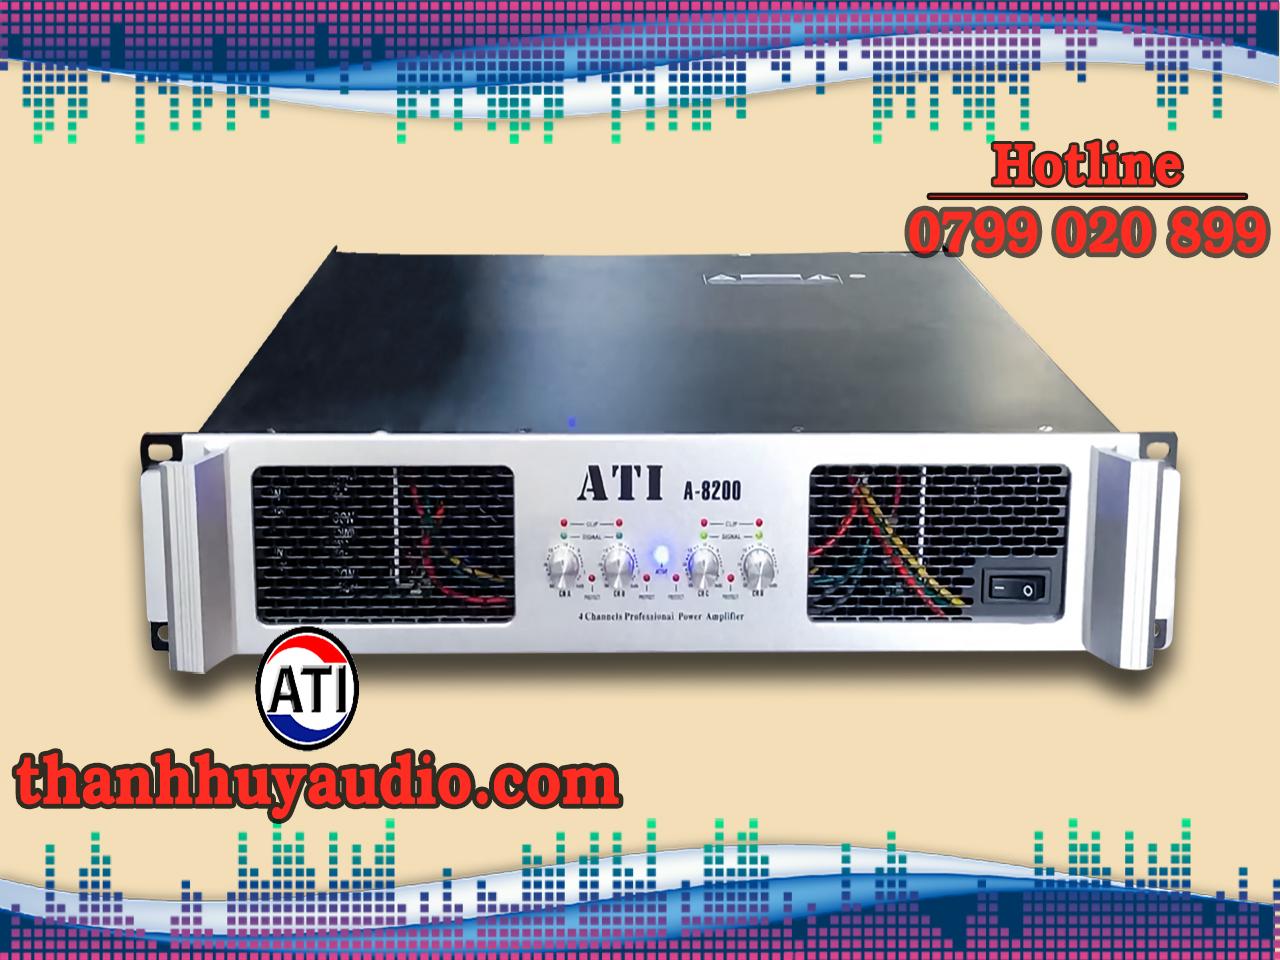 Cục đẩy ATI A8200